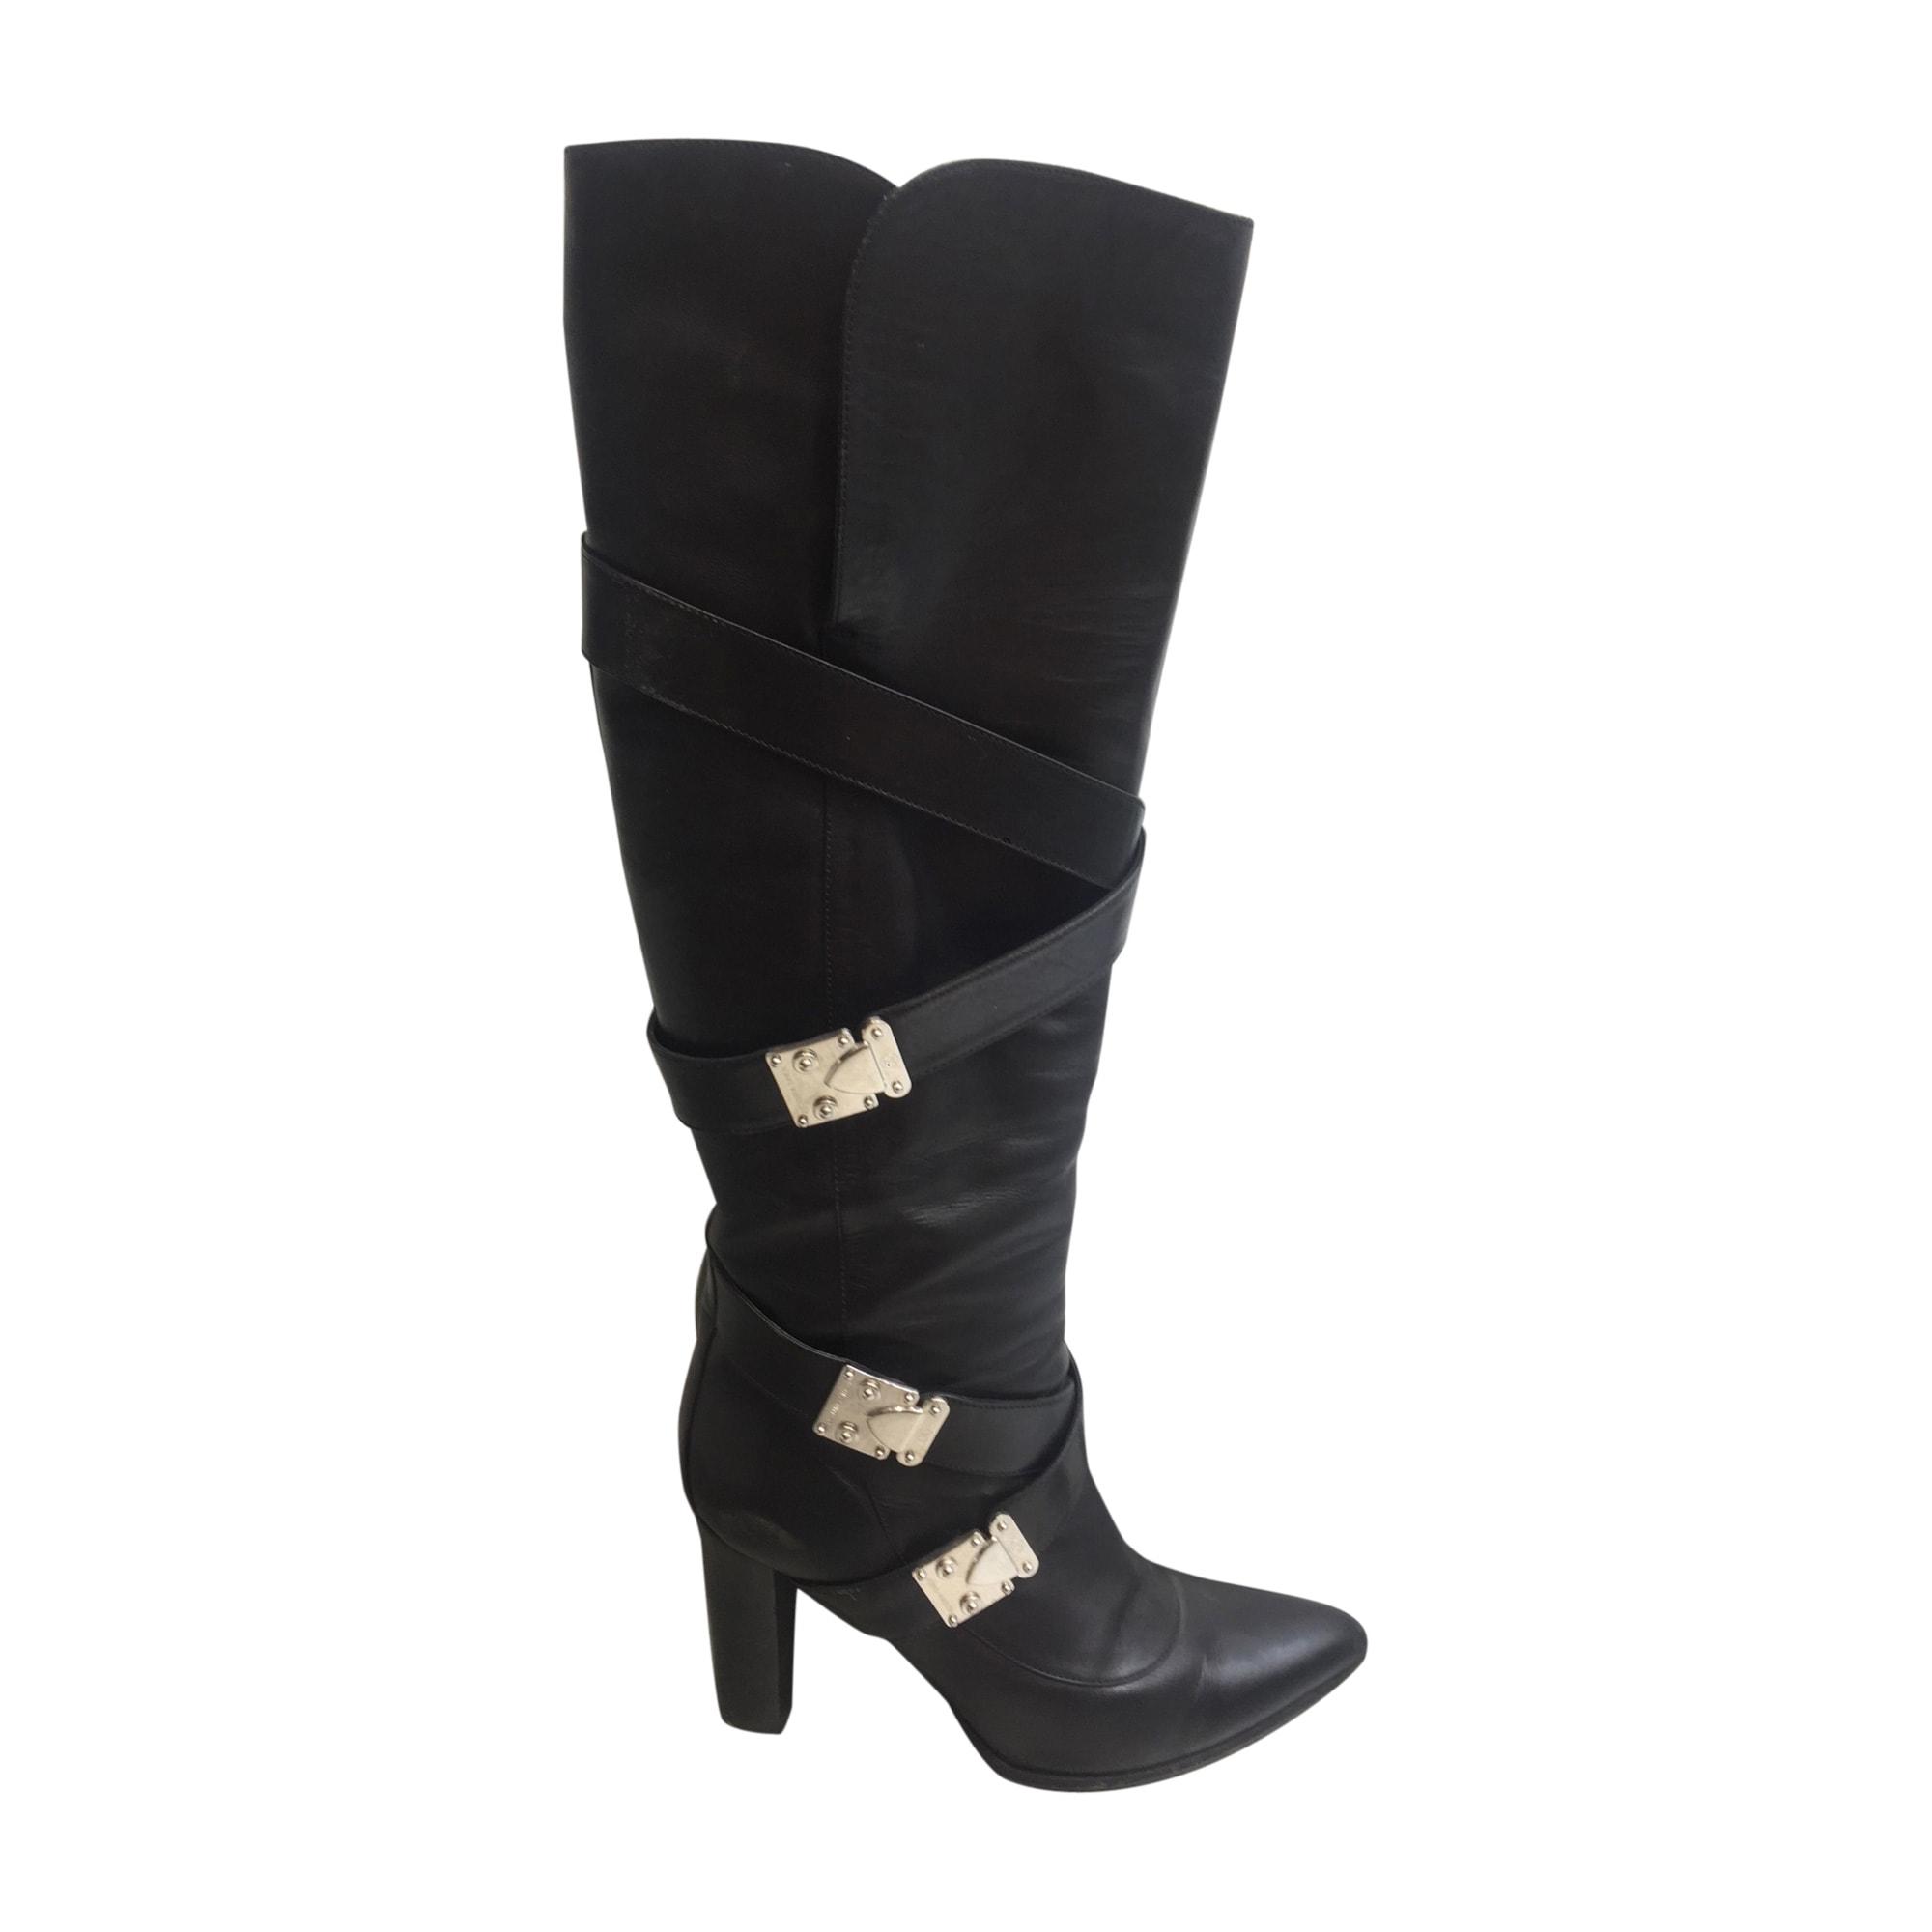 High Heel Boots LOUIS VUITTON Black